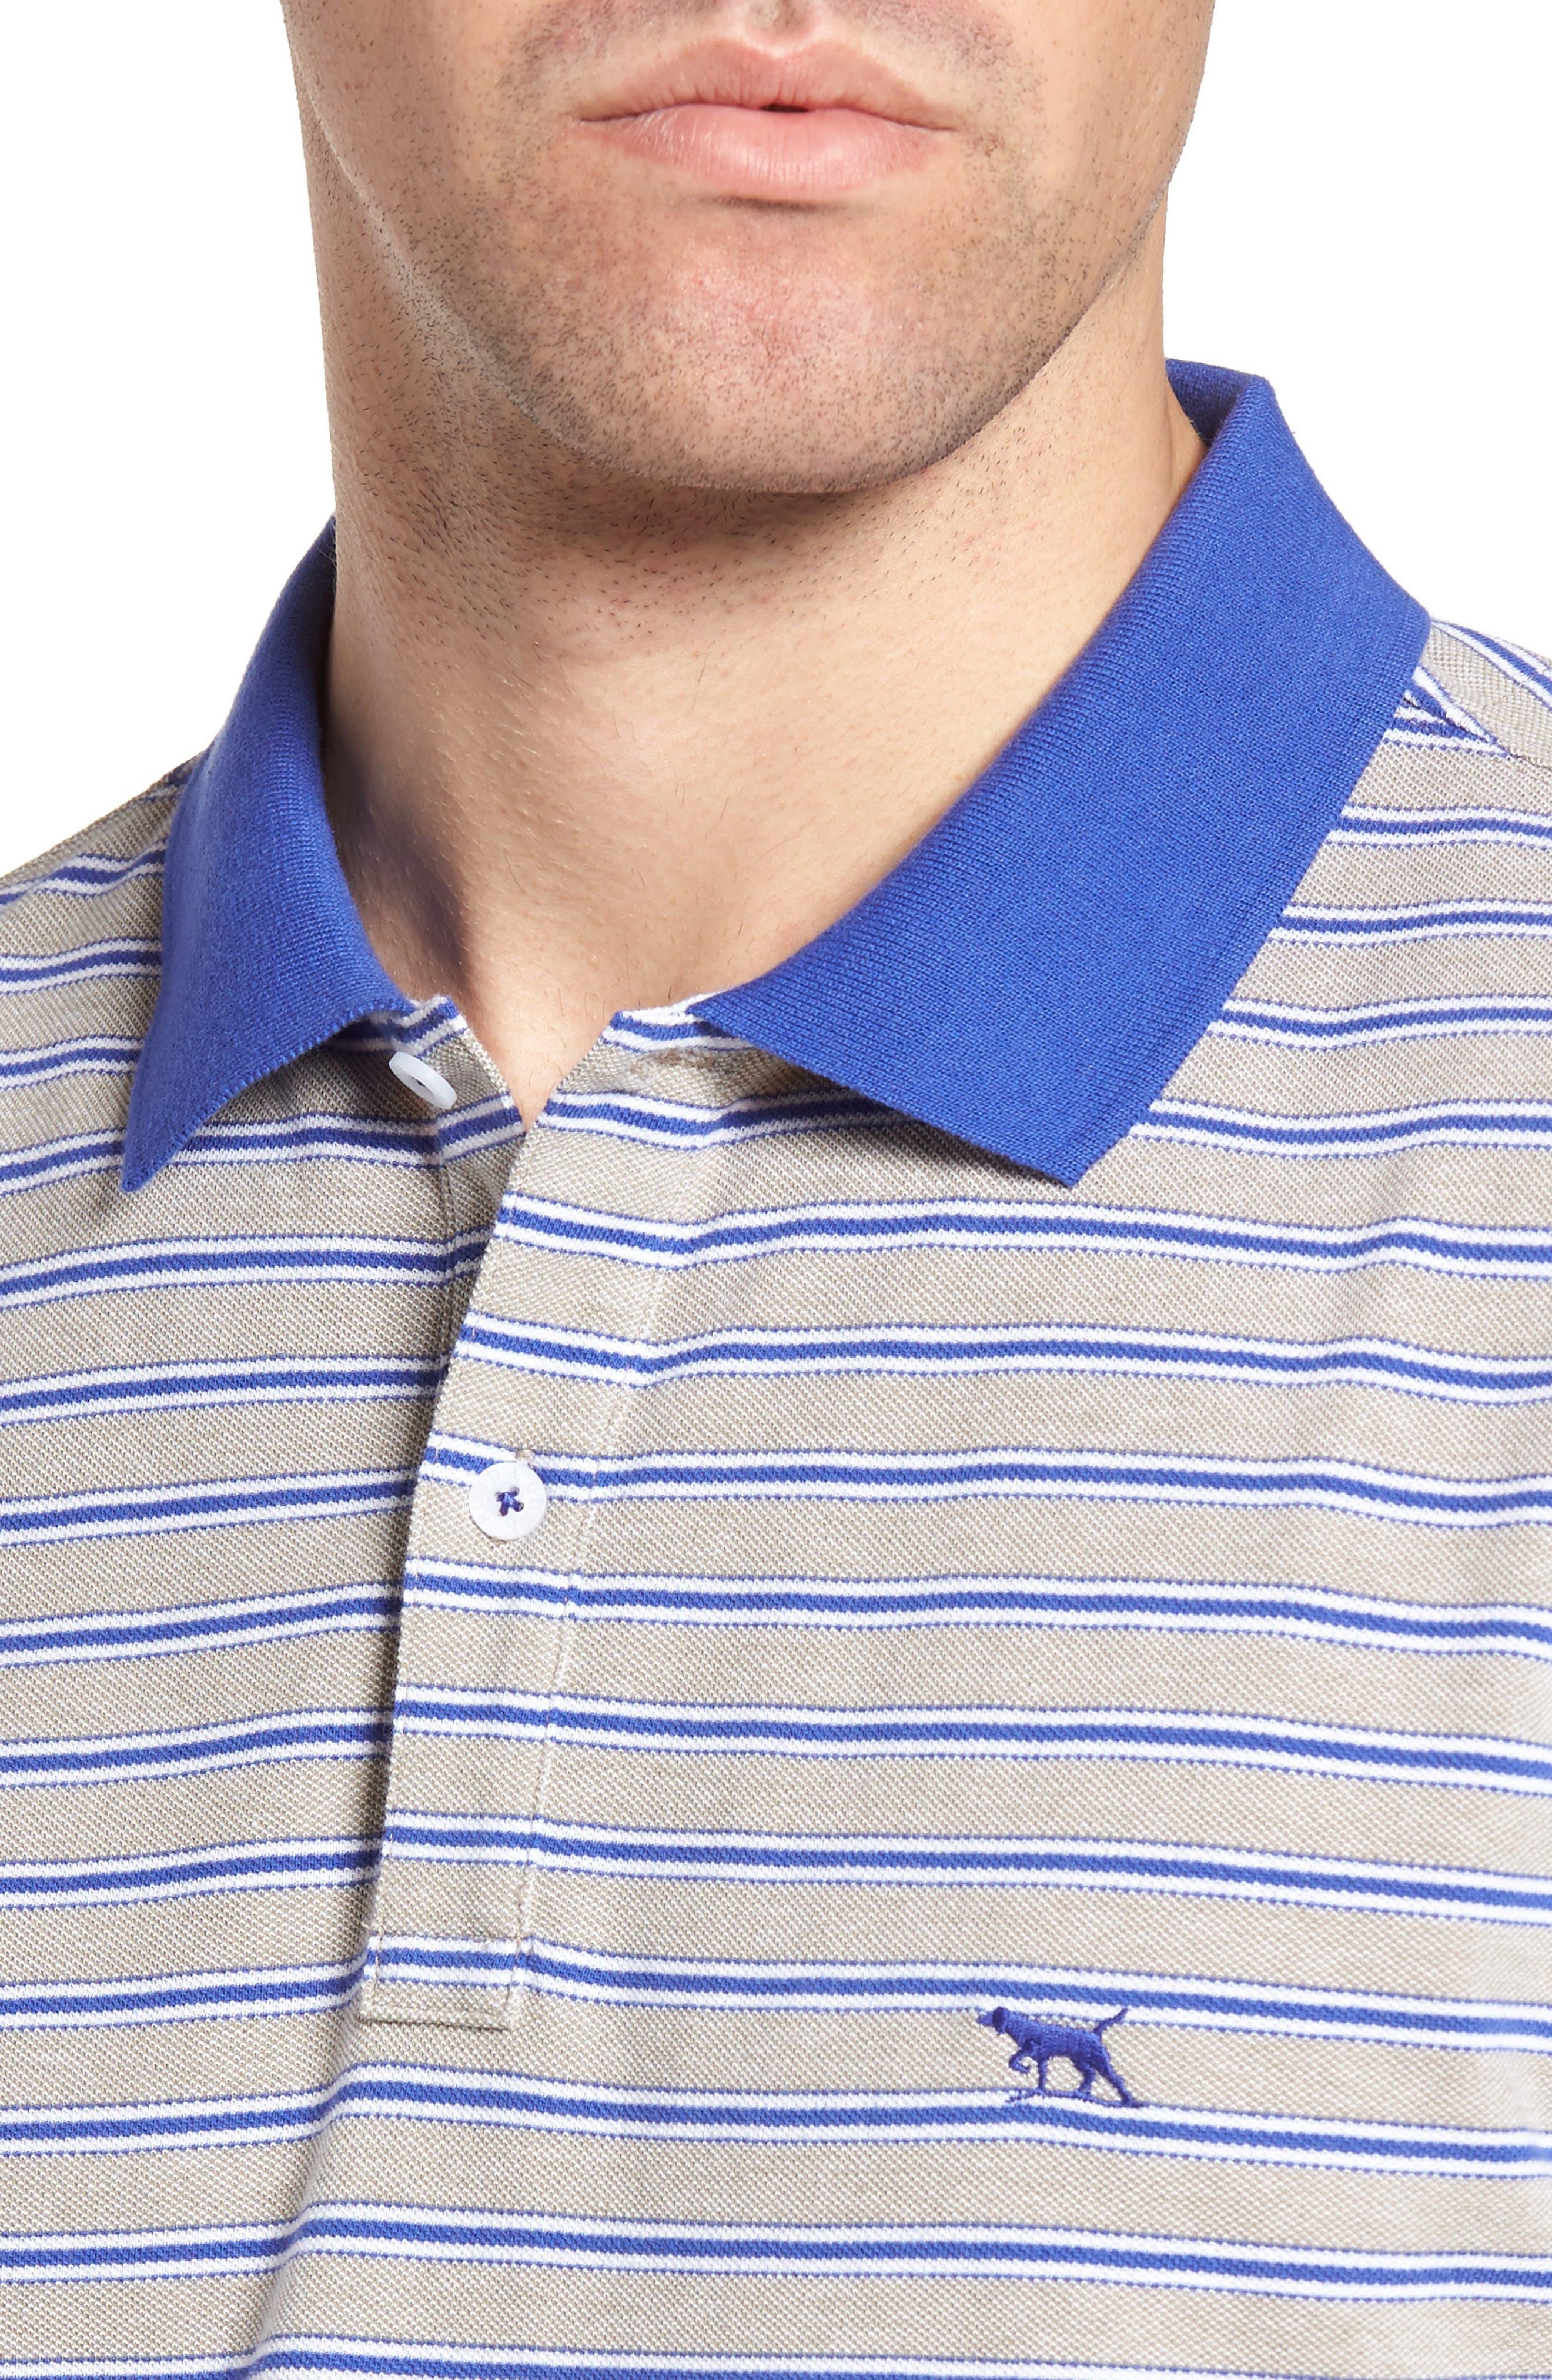 Kempthorne Sports Fit Stripe Piqué Polo,                             Alternate thumbnail 4, color,                             423